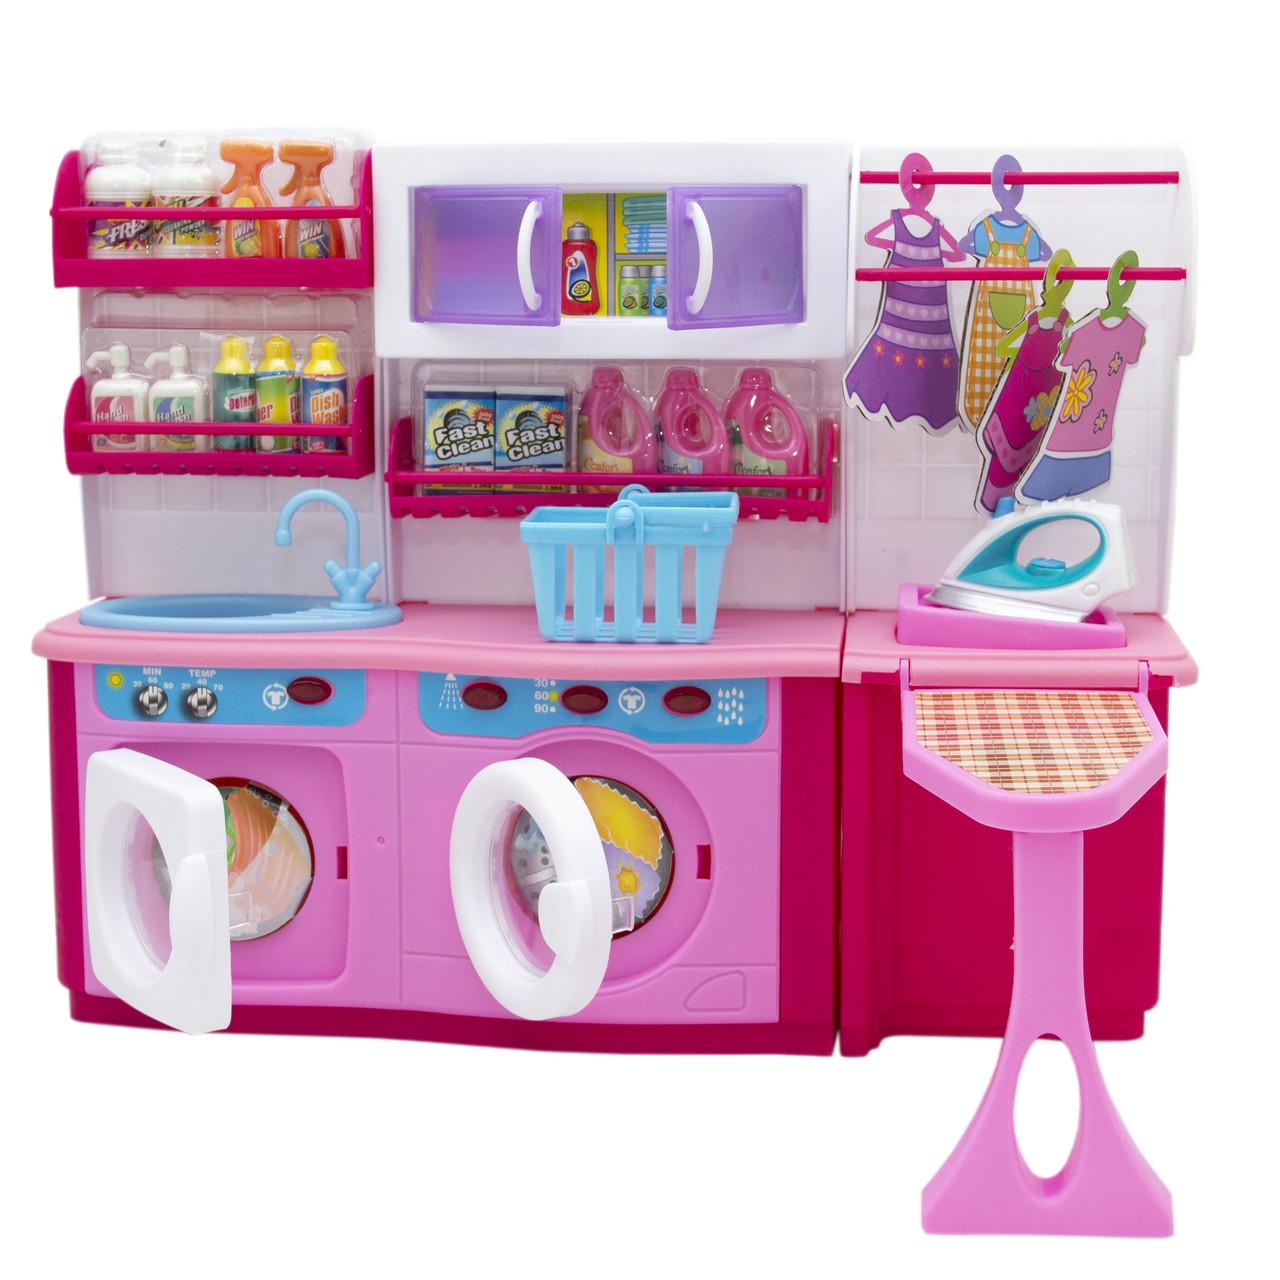 """Мебель для кукол прачечная """"Родной Дом"""" Барби, Брац, розовая, 37x11,5x28,5см (2802S)"""